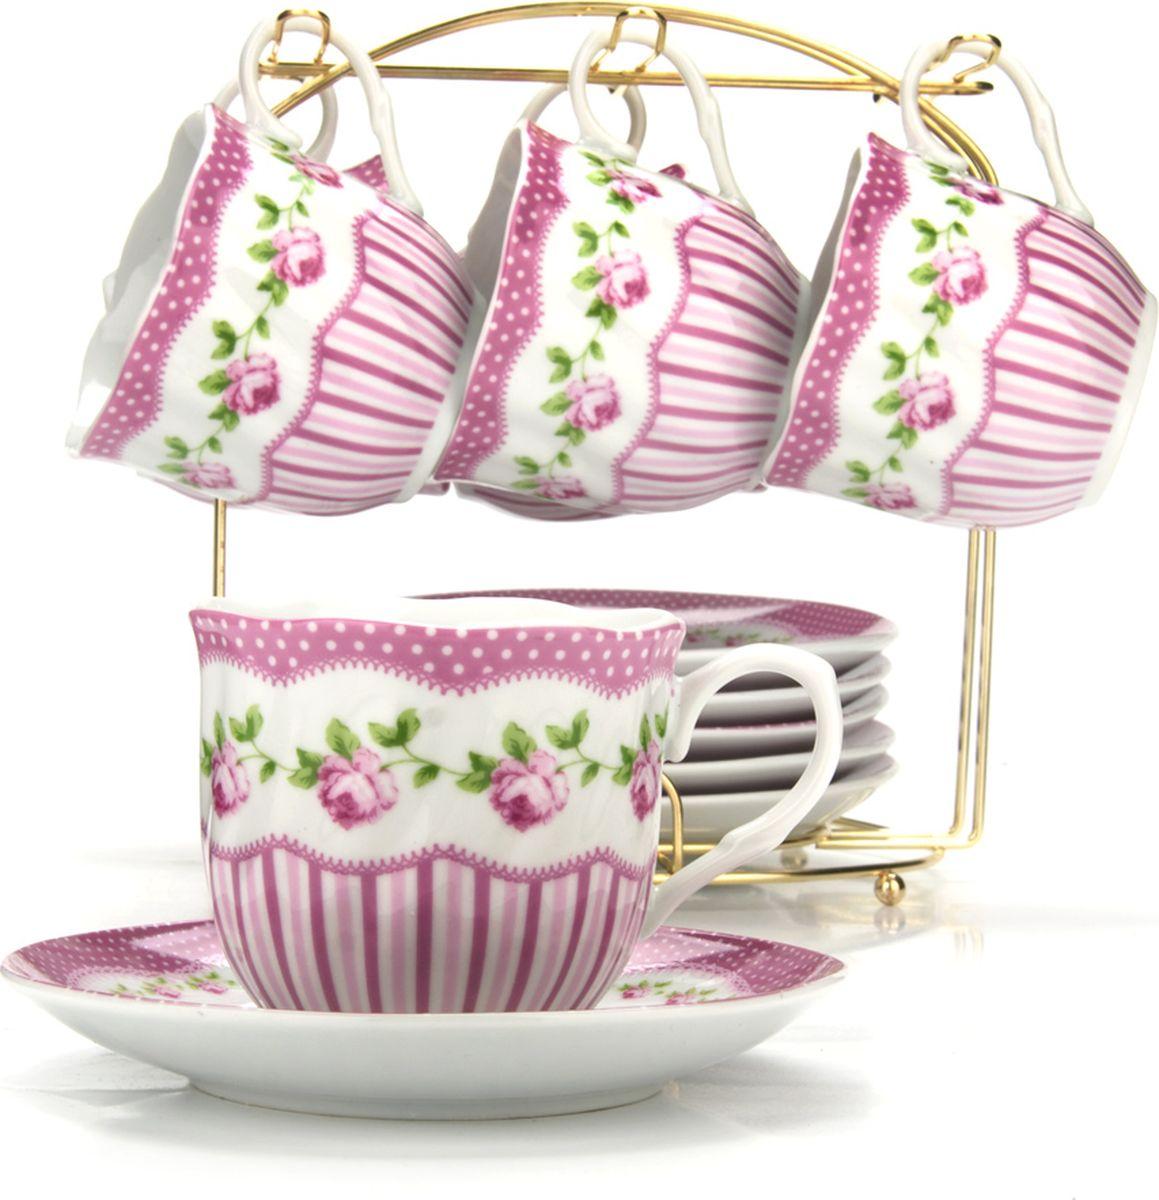 Сервиз чайный Loraine, на подставке, 13 предметов. 43286 сервиз чайный loraine на подставке 13 предметов 43294